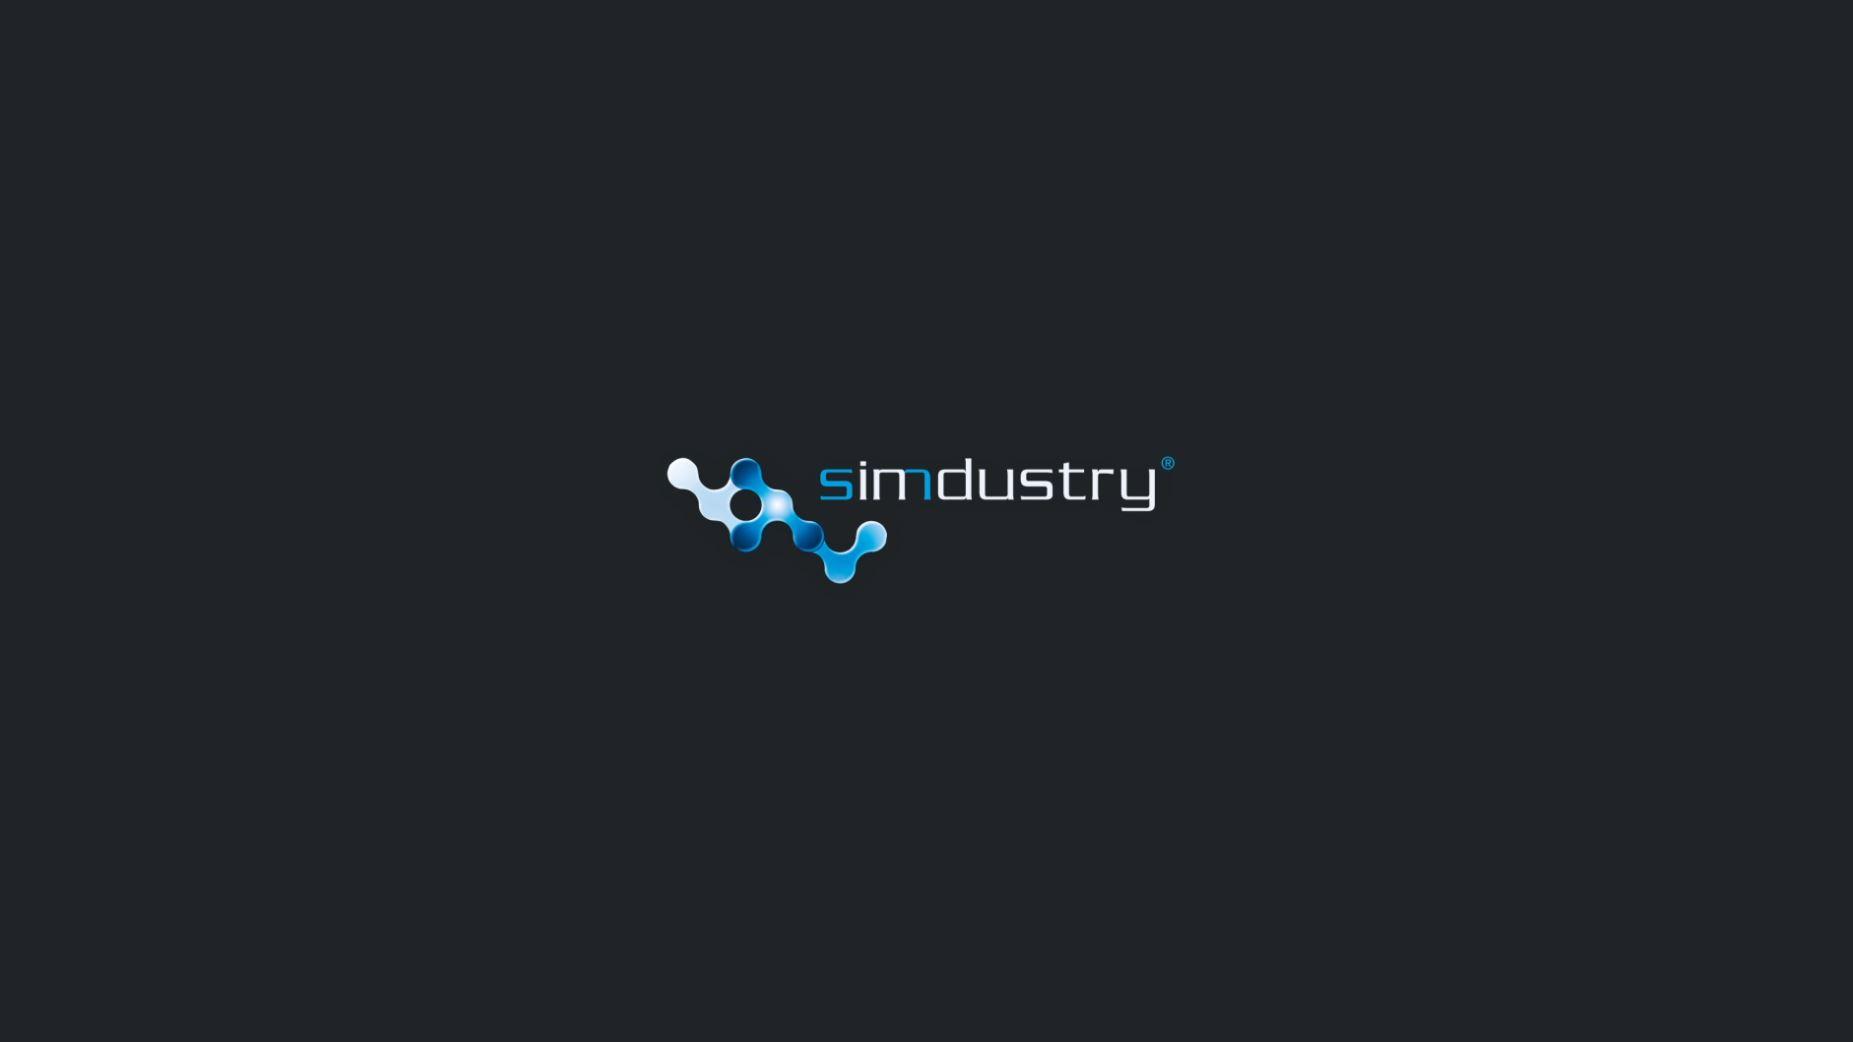 Simdustry Video